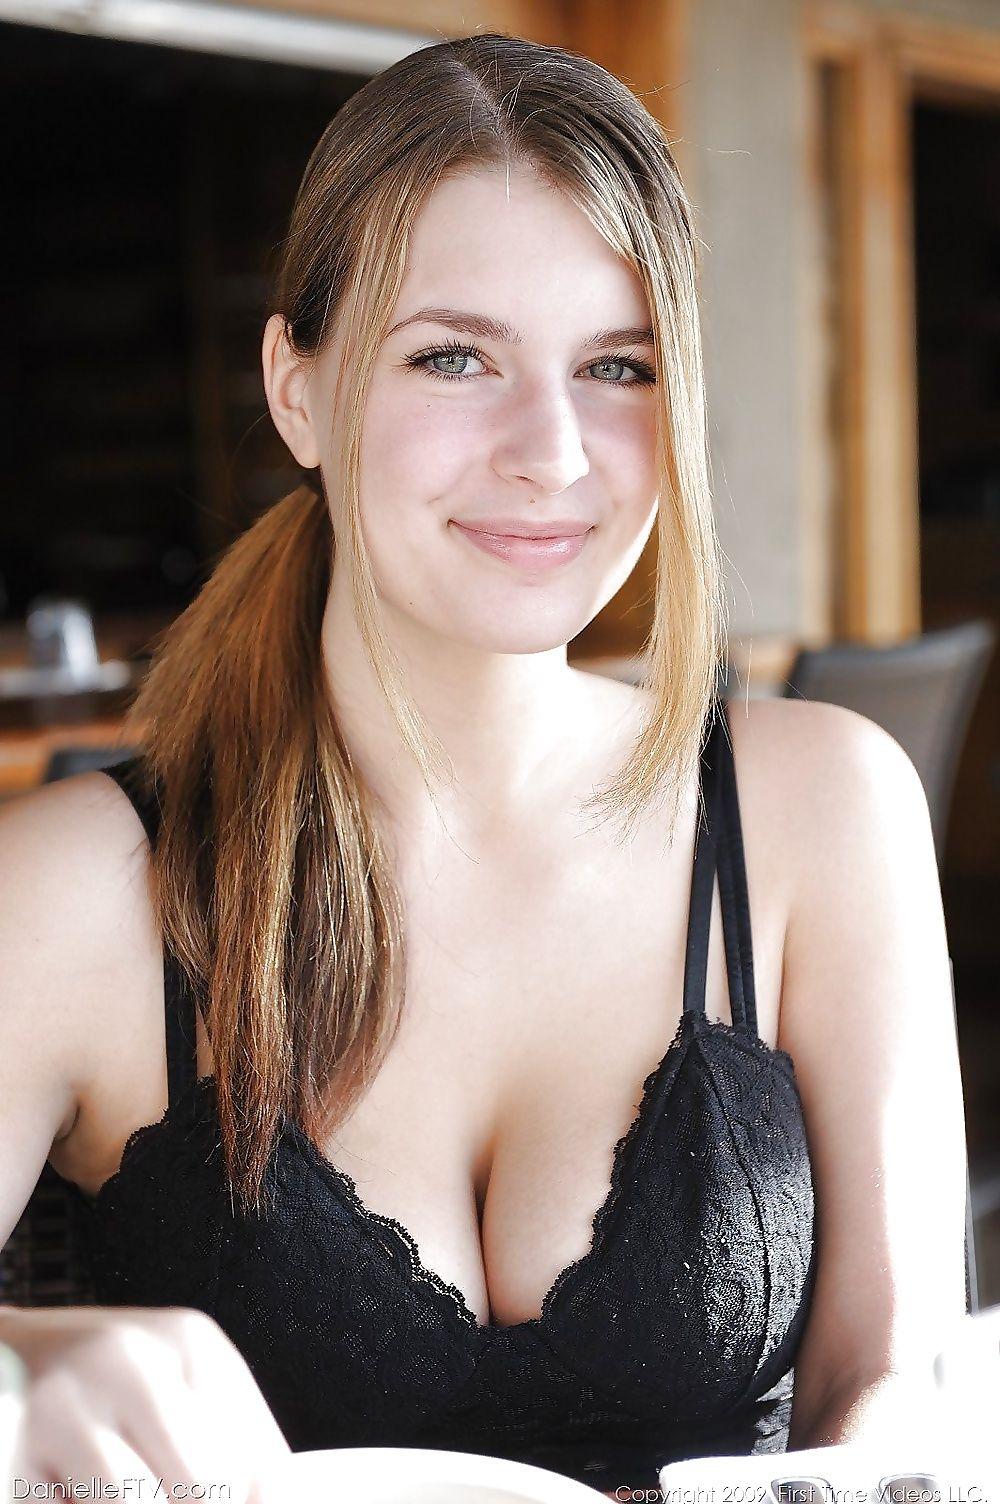 Rencontres une femme amateur dans une @todorazor.com